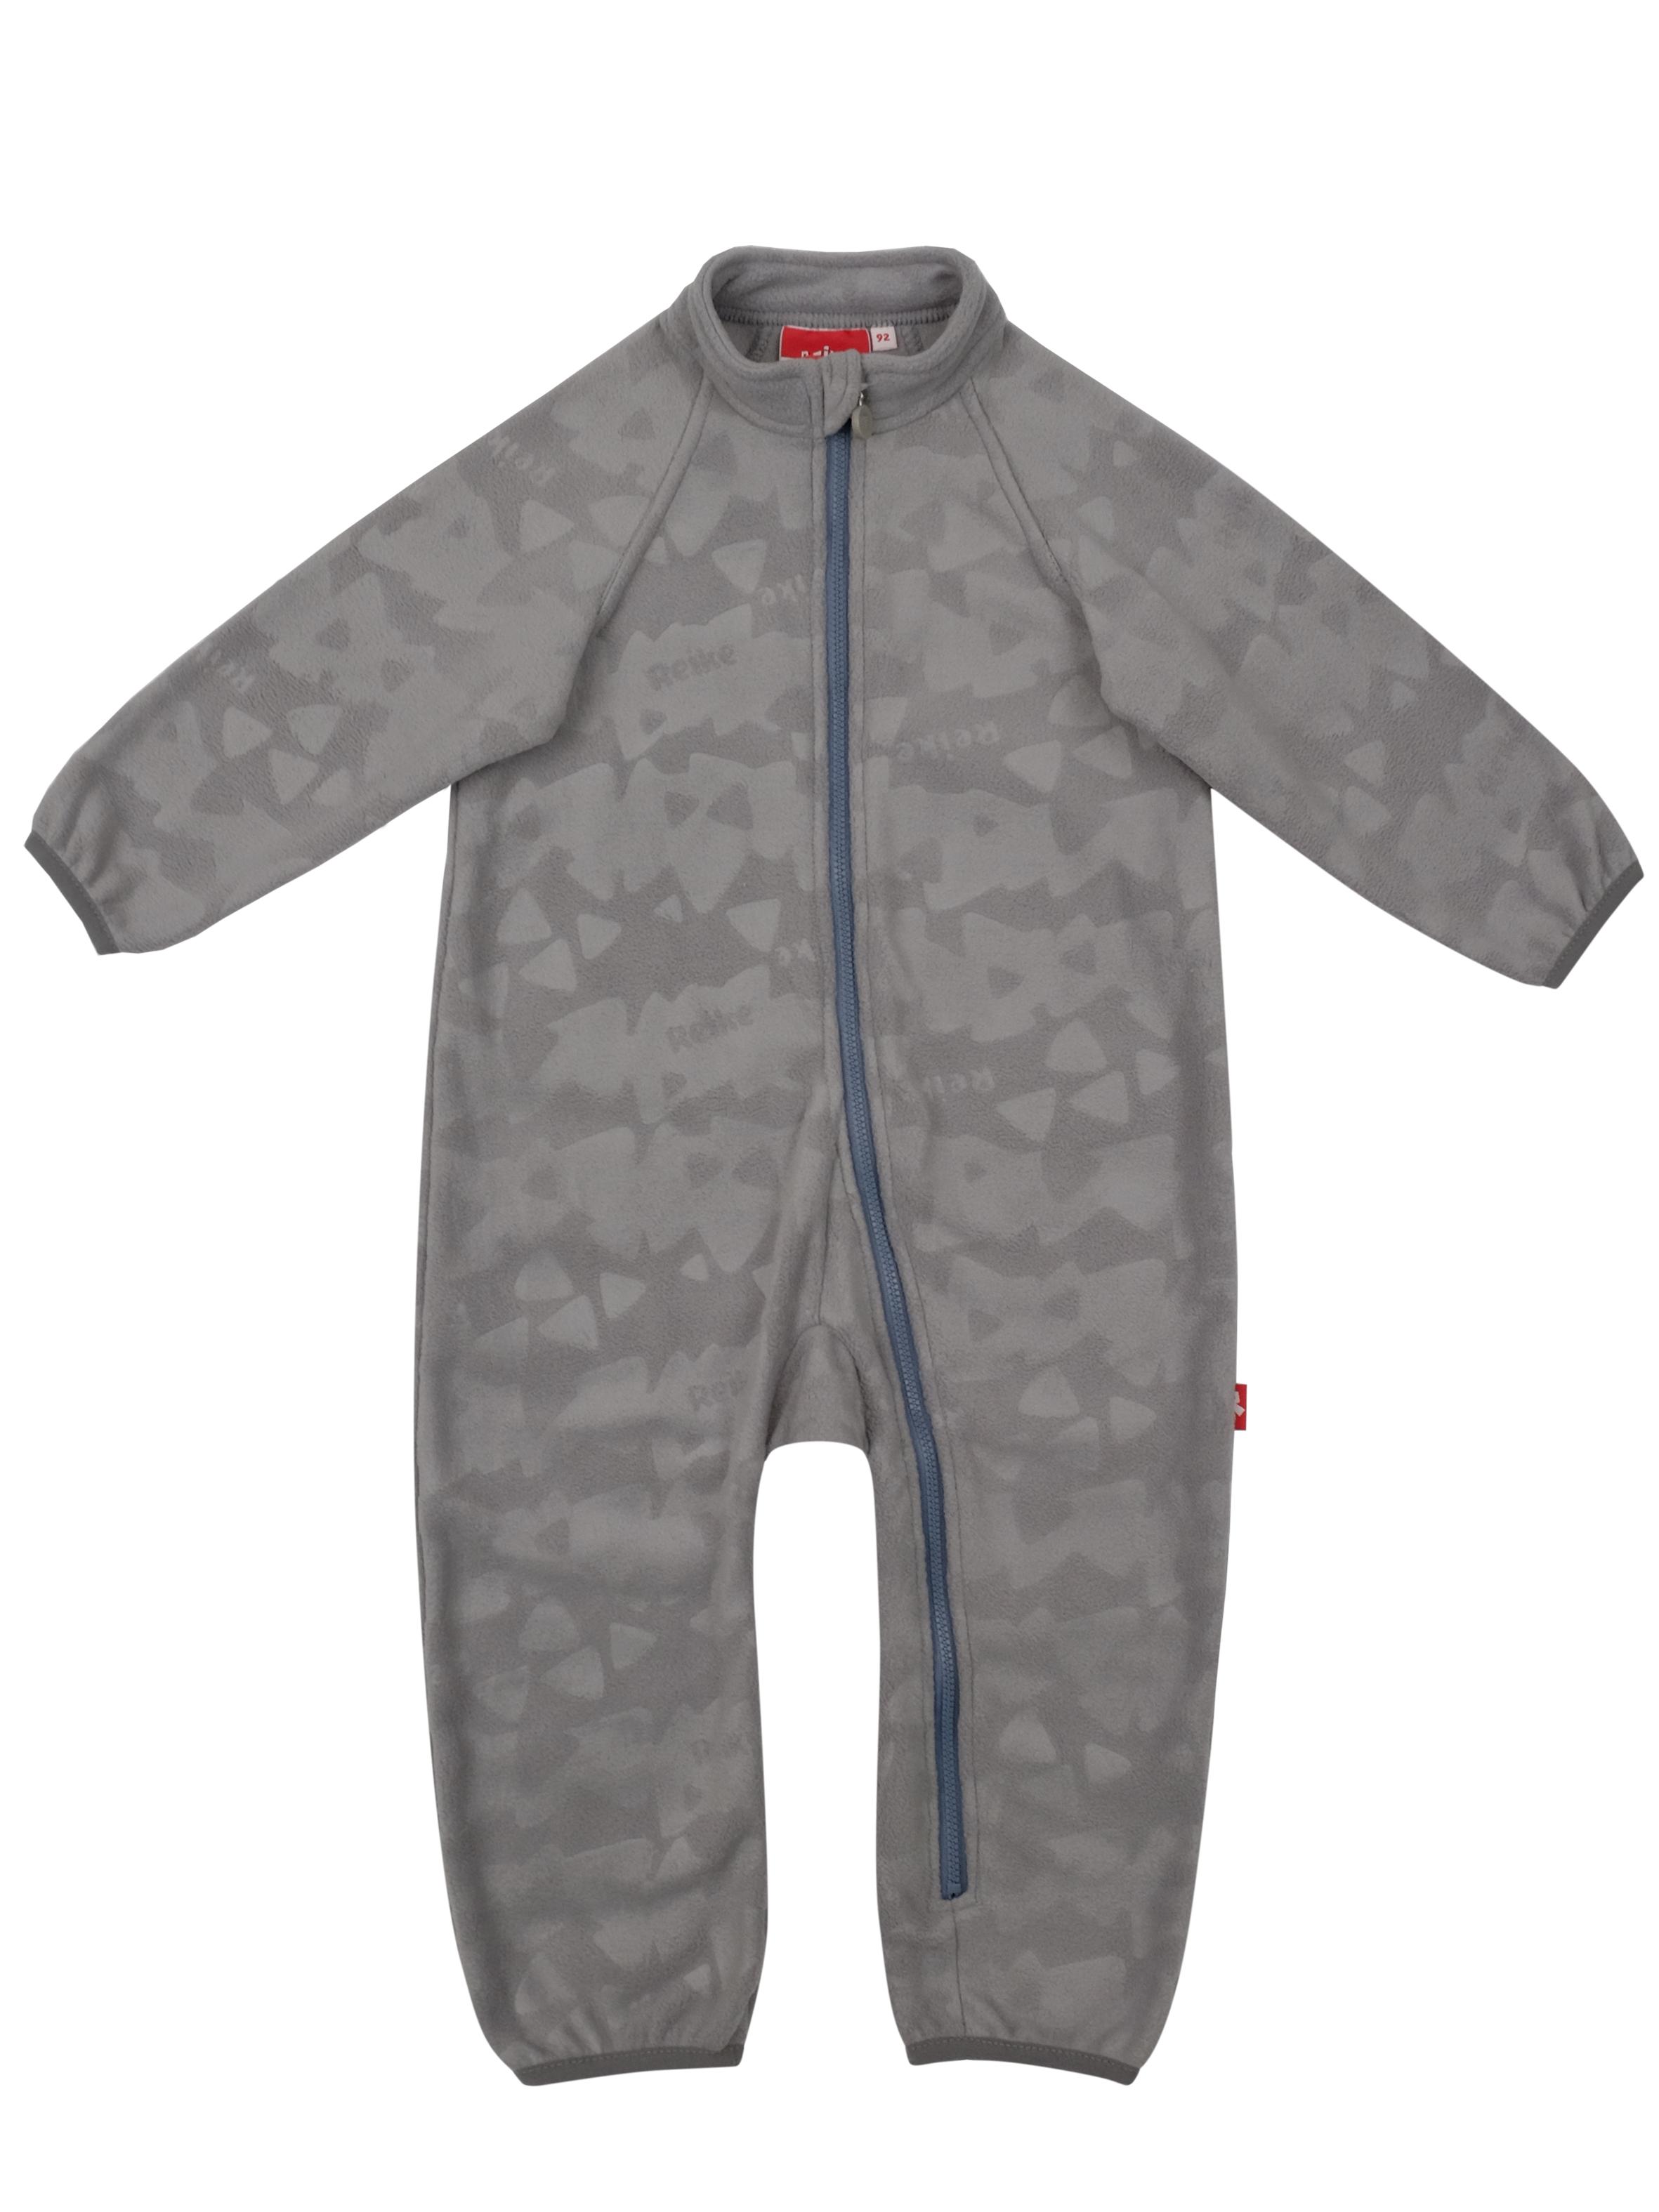 Комбинезон детский повседневный Reike WL 81 grey